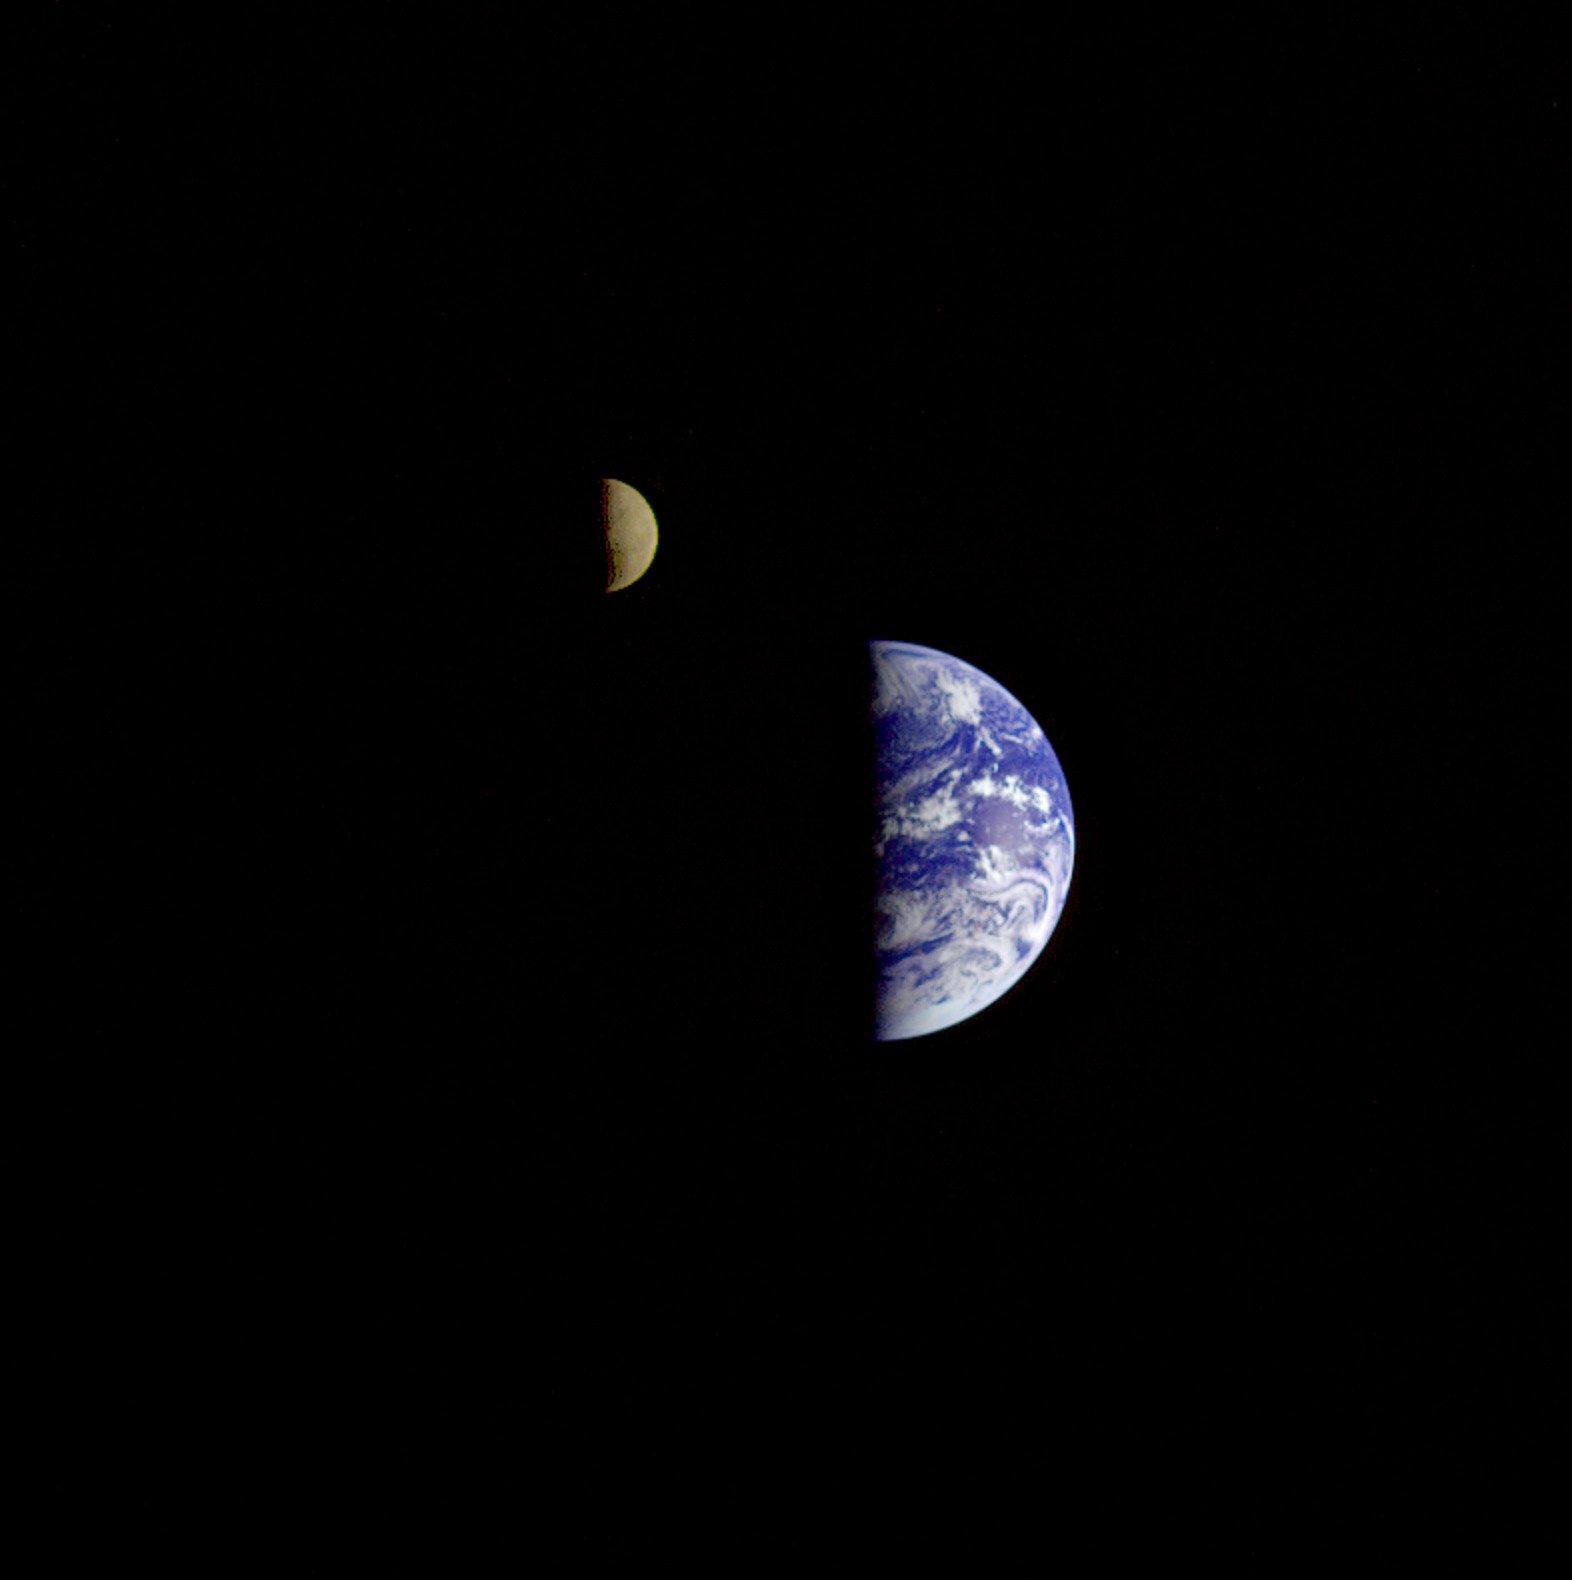 Esta es la primera fotografía de la Tierra y la Luna, juntas y enteras. Fue tomada #UnDíaComoHoy de 1977 por la sonda espacial Voyager 1 a 11,7 millones de kilómetros de distancia y 13 días después de su lanzamiento desde Cabo Cañaveral en Florida https://t.co/nBttFjkIat